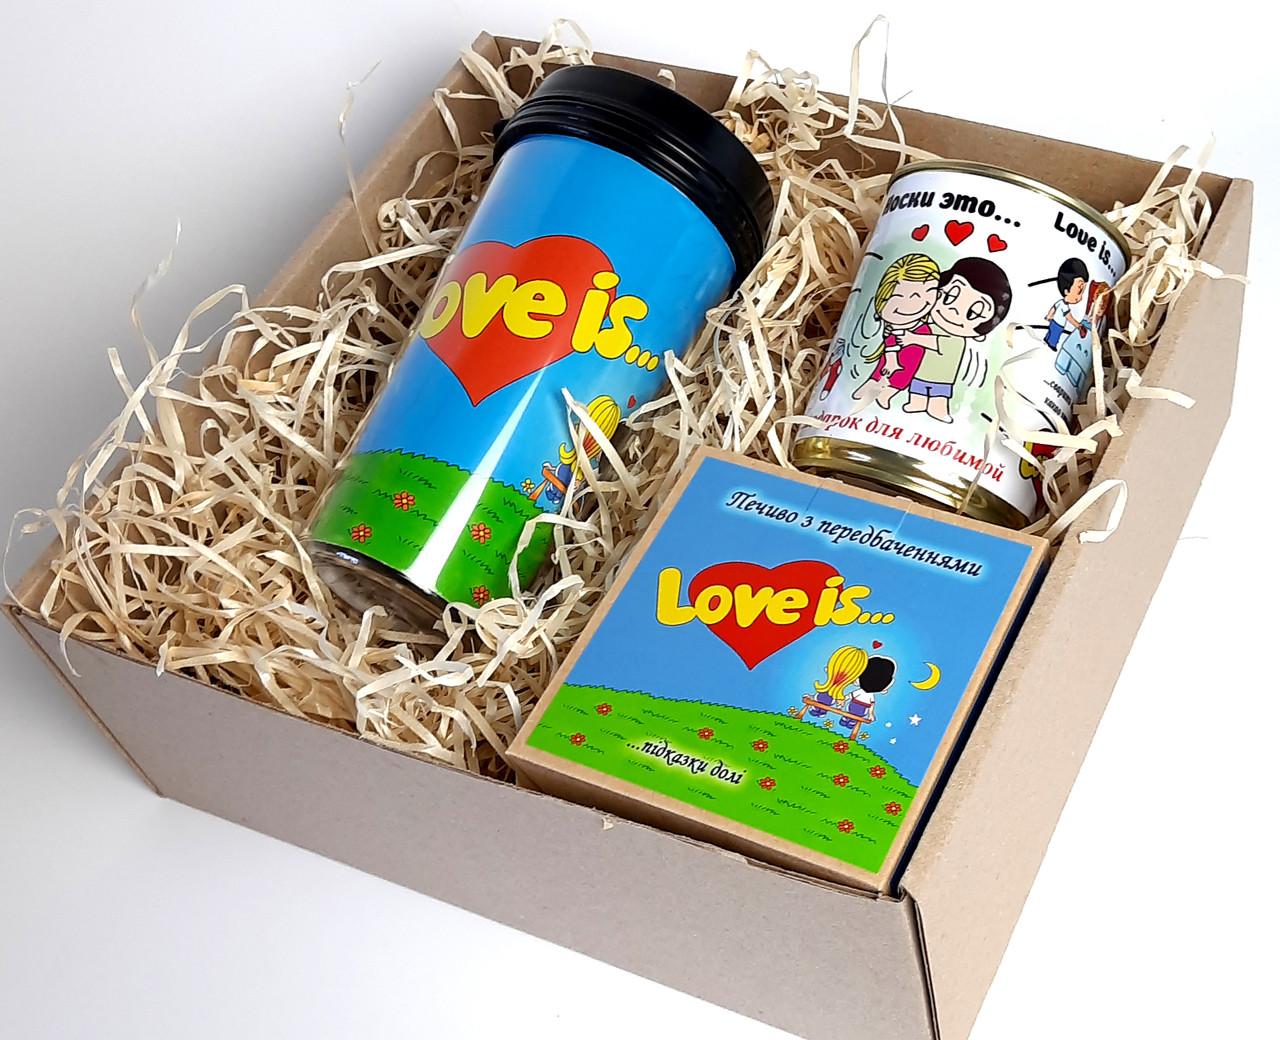 """Подарунок дівчині """"Лав із"""": стакан для кави з кришкою """"Лав із"""", шкарпетки жіночі в банці, печиво з побажаннями"""